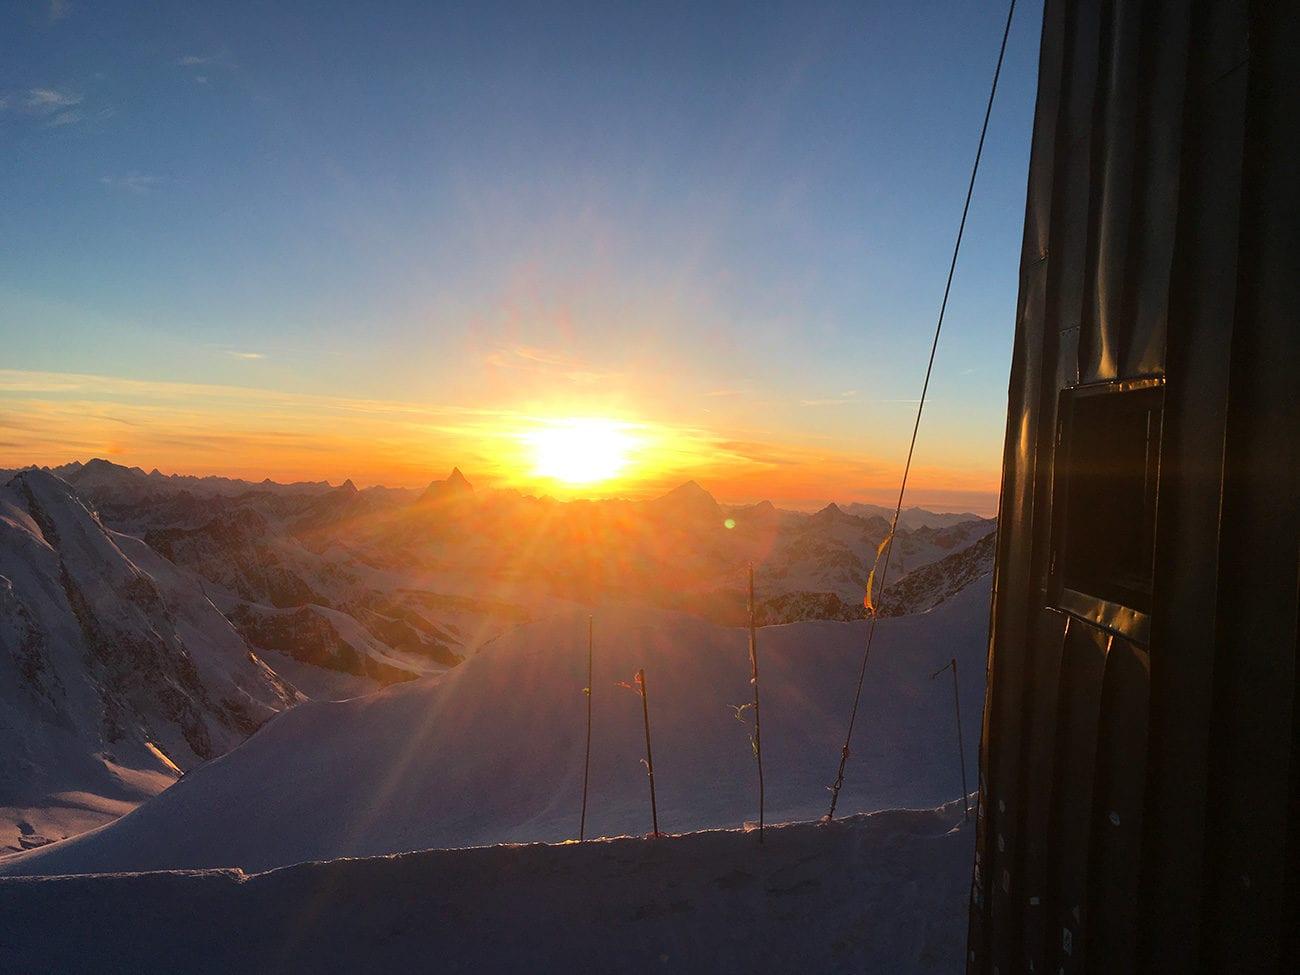 coucher de soleil depuis cabane margherita